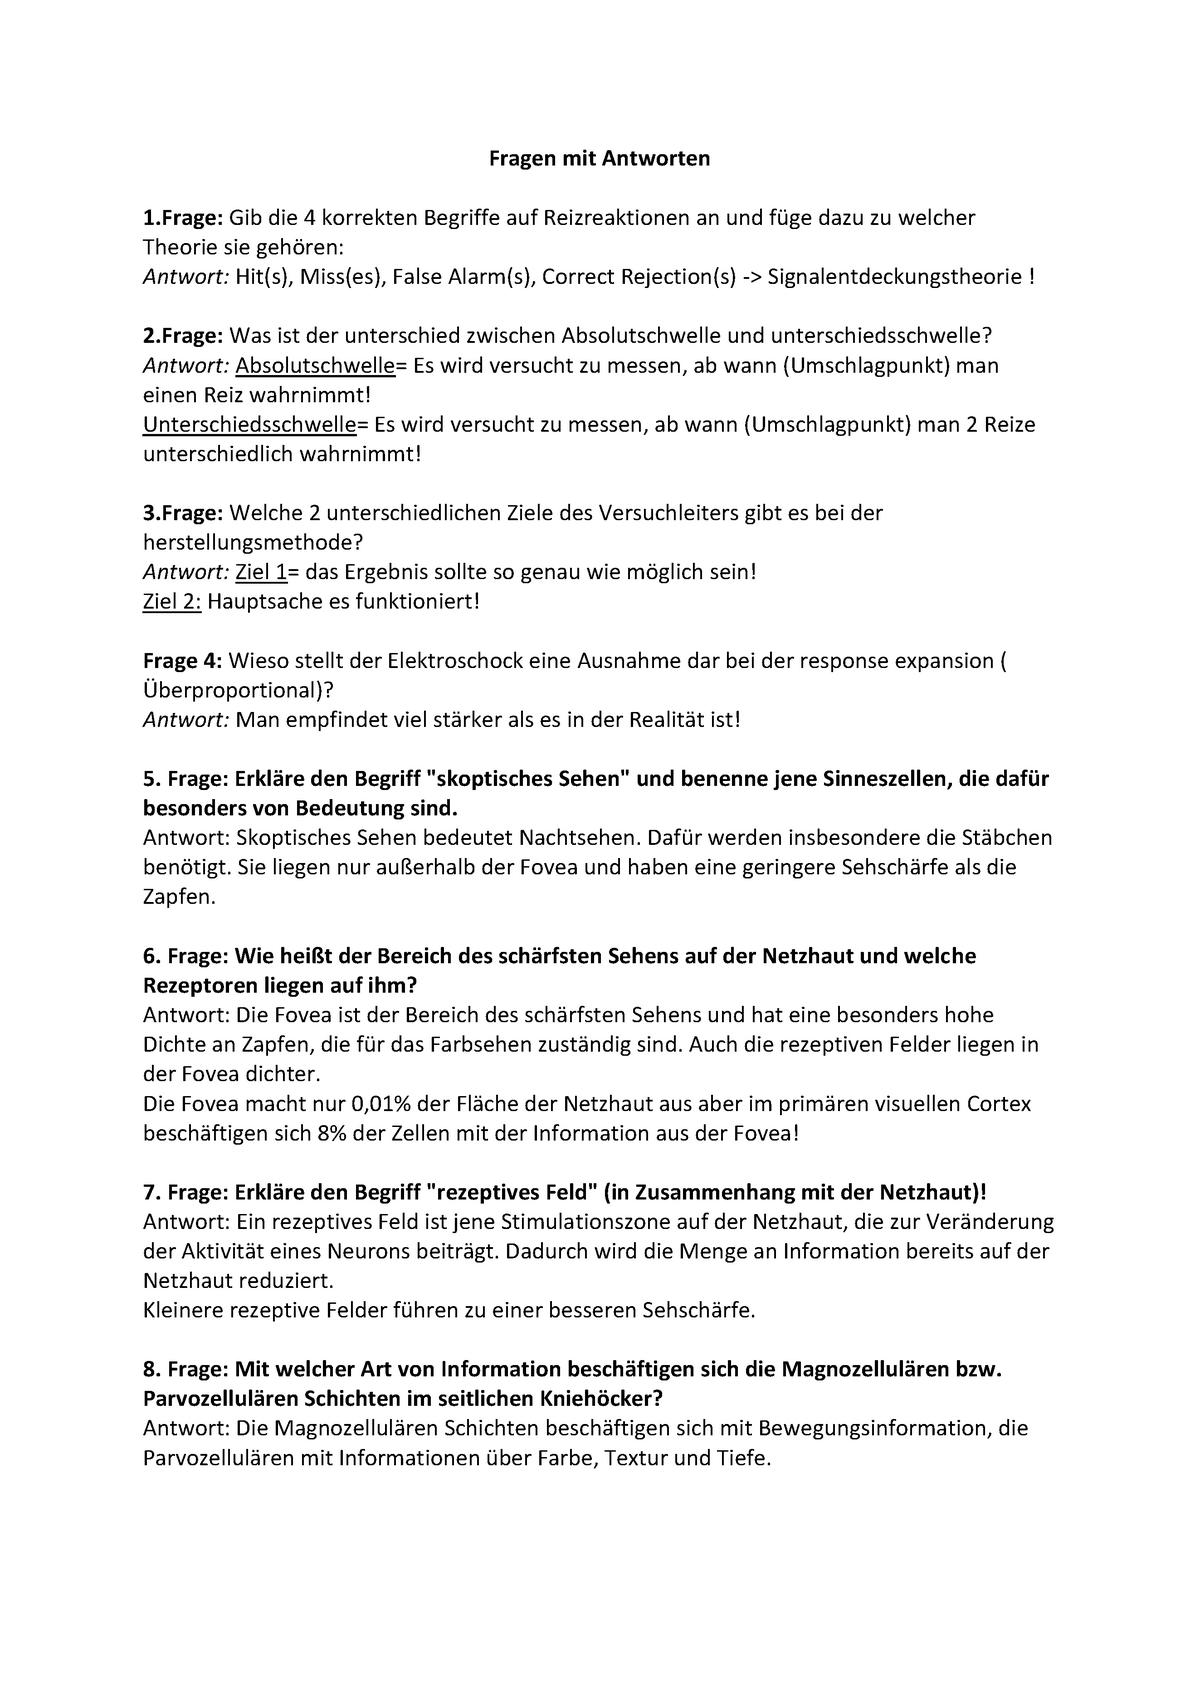 83897c541846a Übungen Fragenkatalog mit Lösungen - 602.016  Allgemeine Psychologie I -  StuDocu